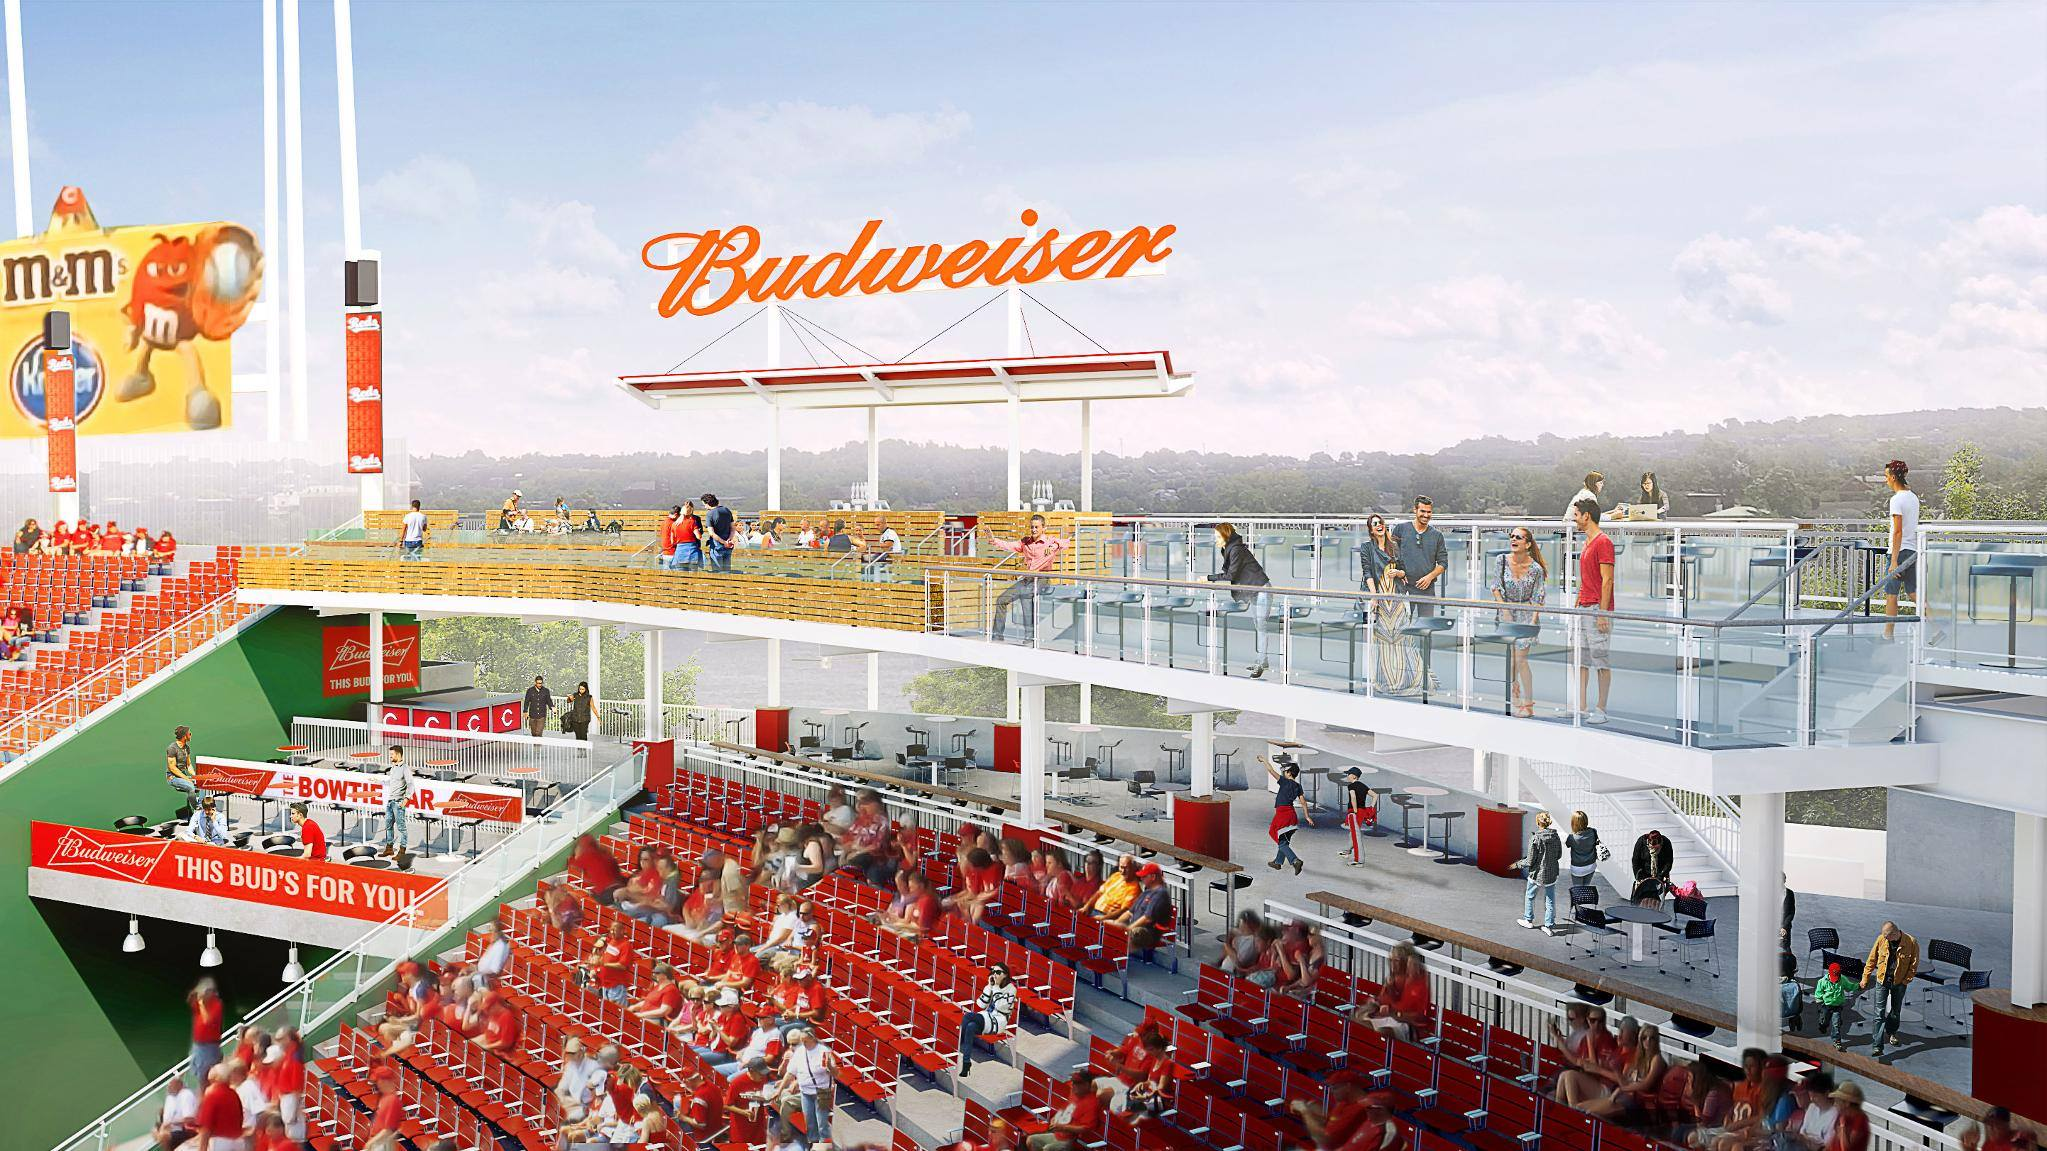 Budweiser Bowtie Bar Great American Ballpark